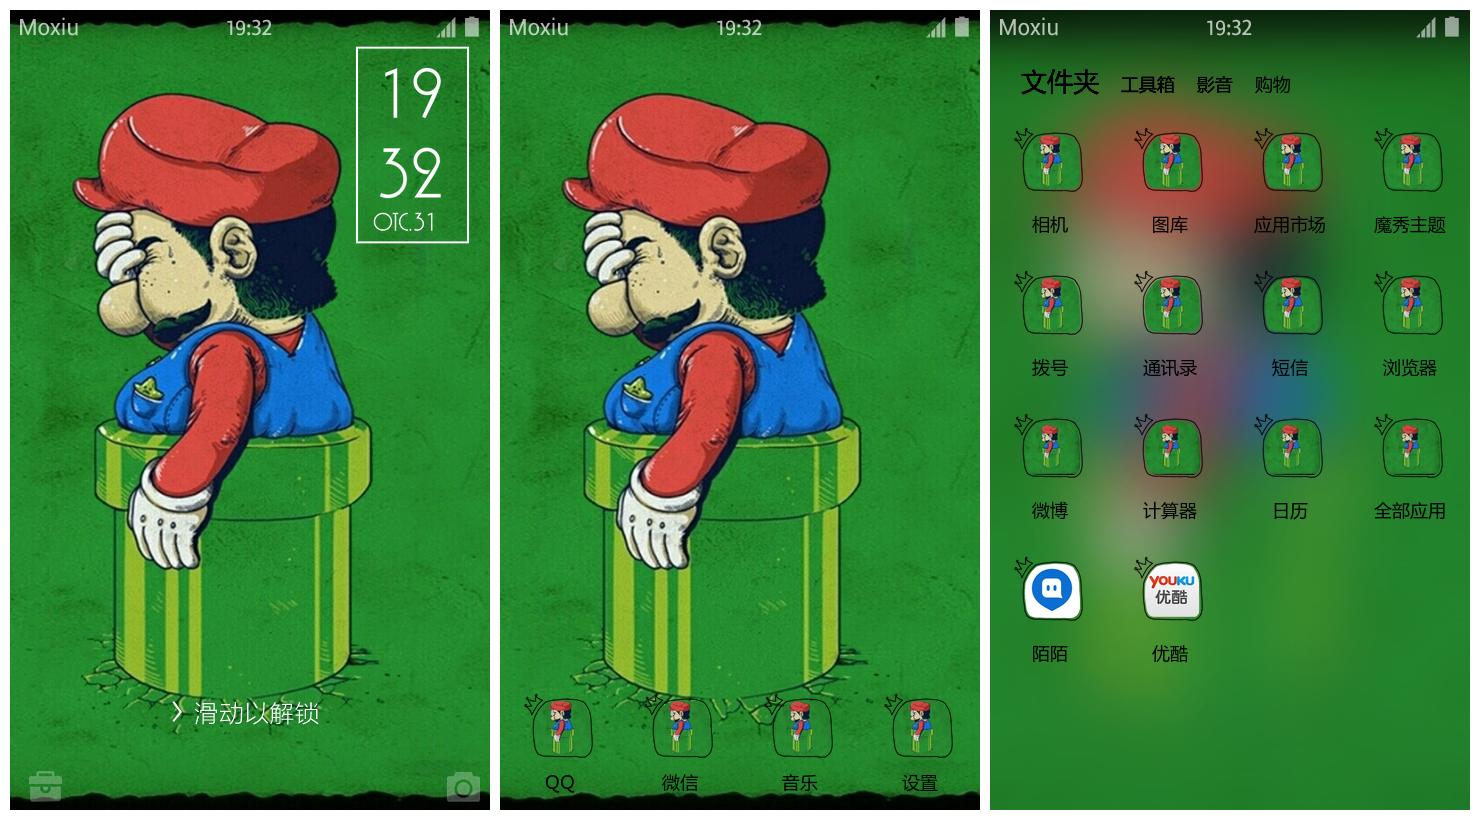 马里奥手机主题,动漫手机主题,二次元手机主题